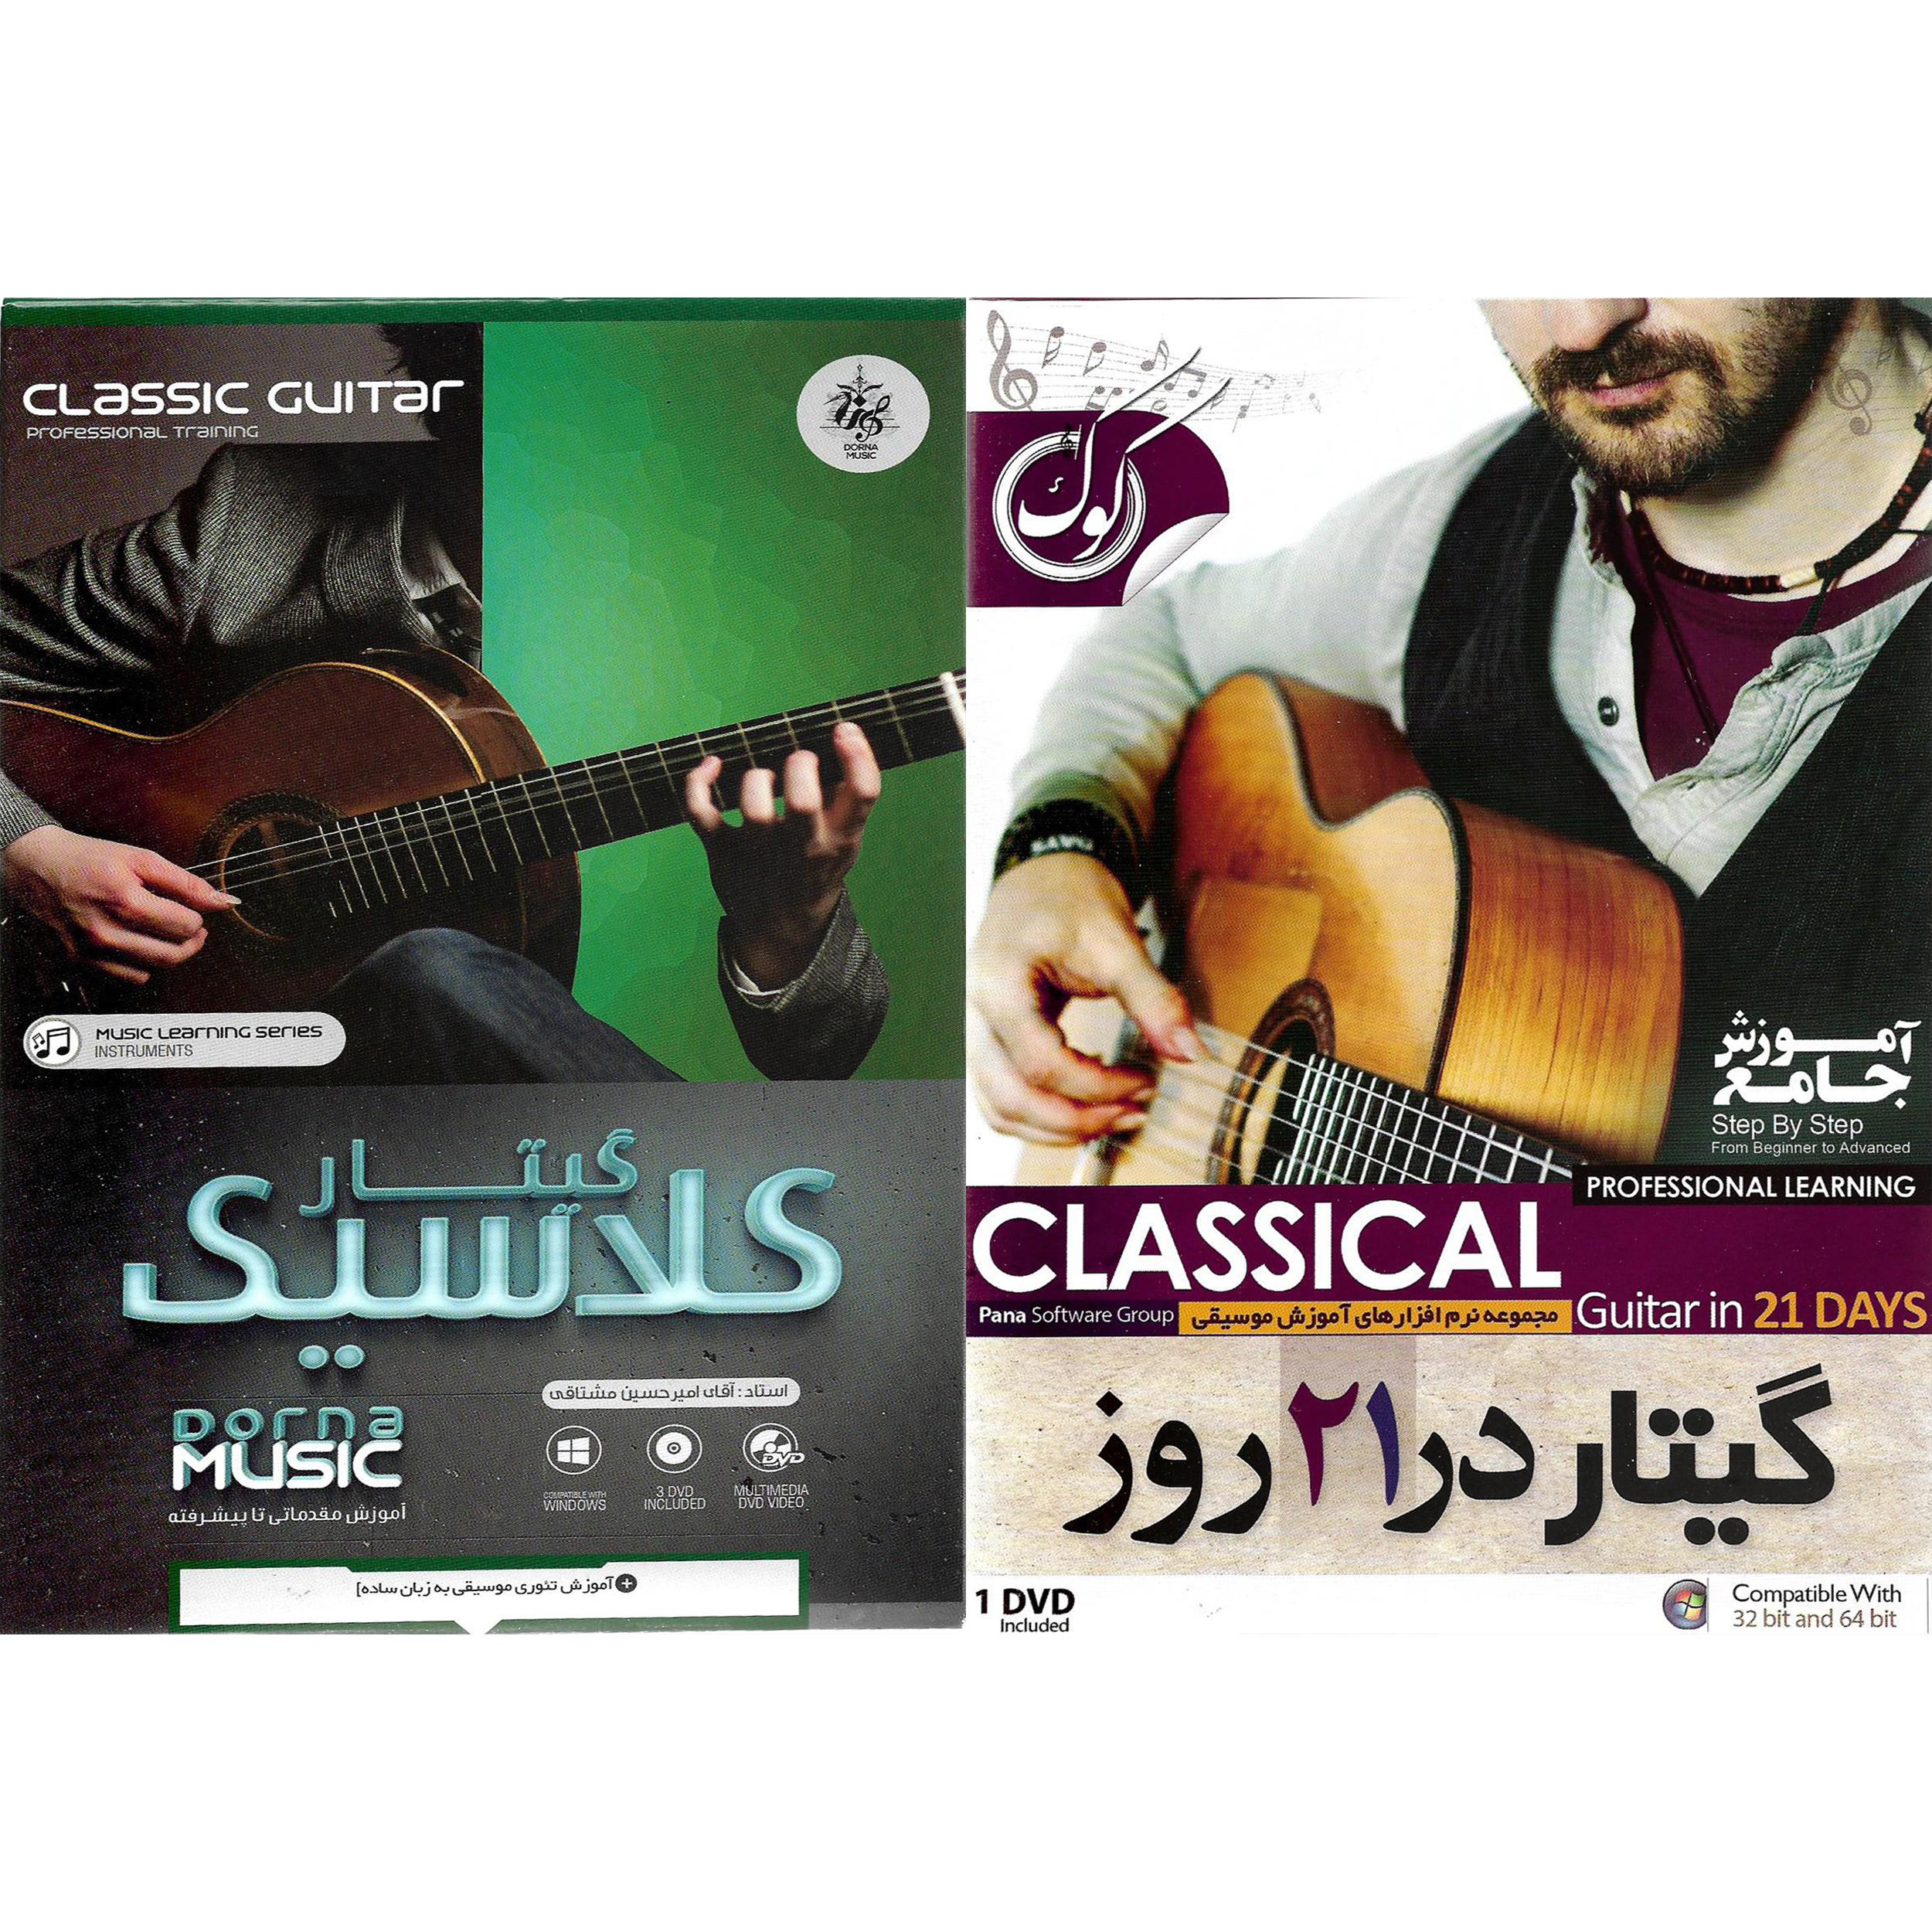 نرم افزار آموزش گیتار در 21 روز نشر الکترونیک پانا به همراه نرم افزار آموزش گیتار کلاسیک نشر درنا